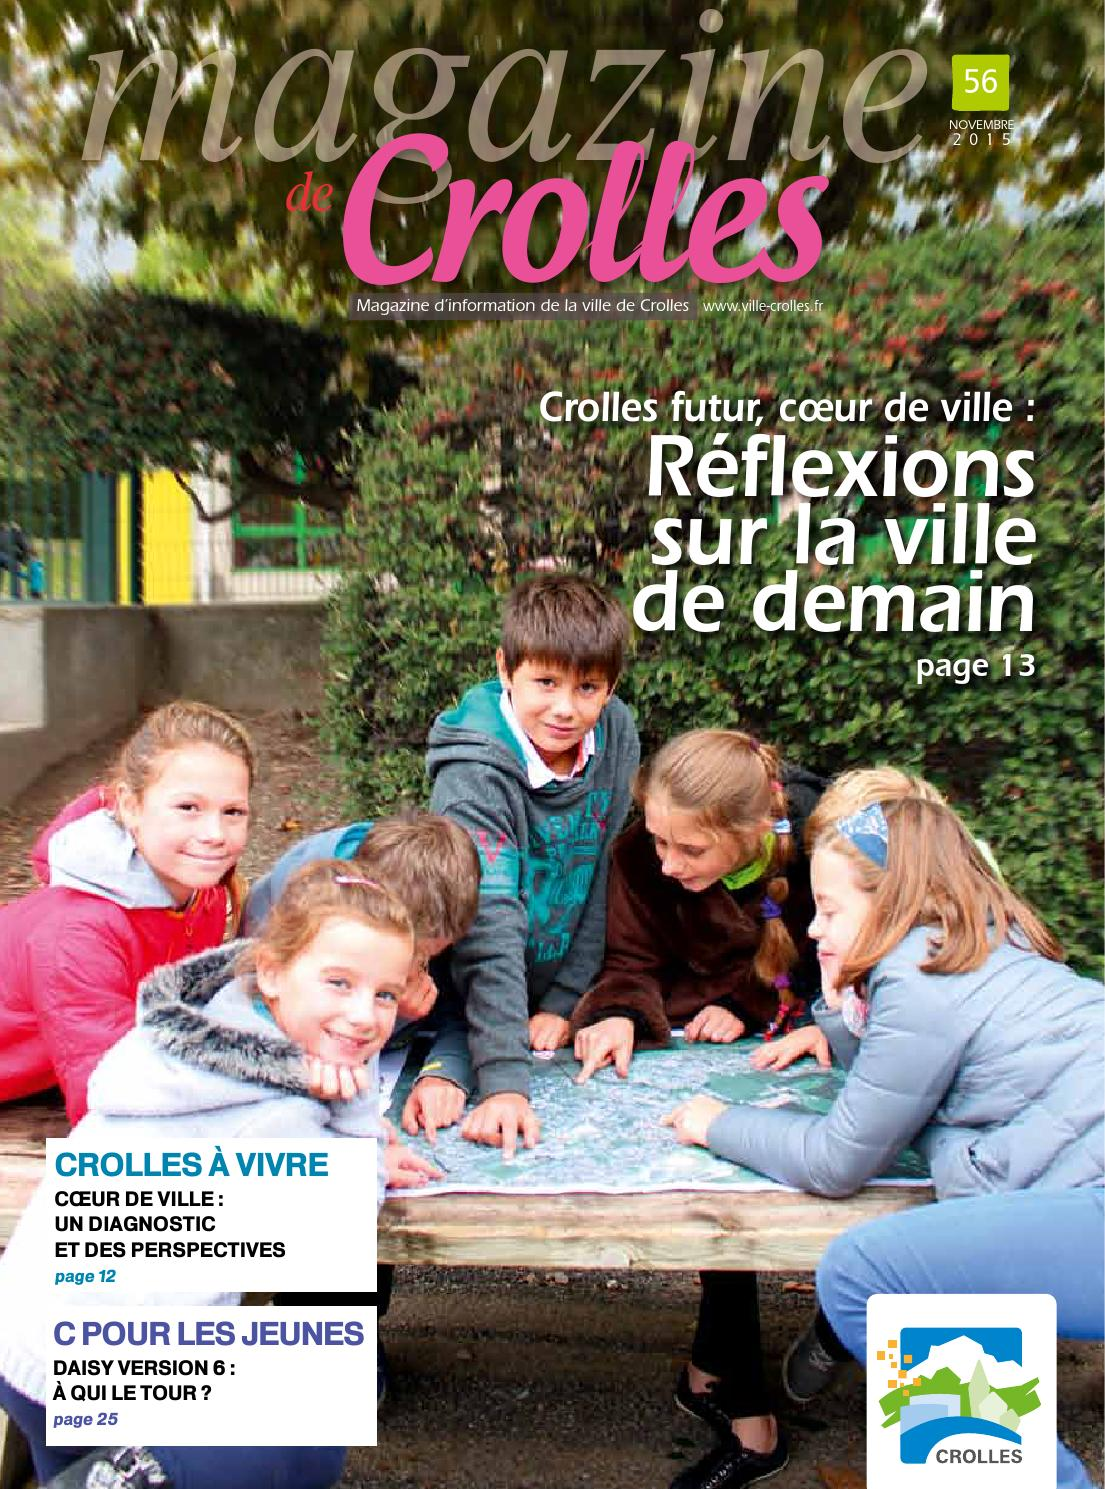 Magazine de crolles num 56 novembre 2015 by ville de for Piscine de crolles